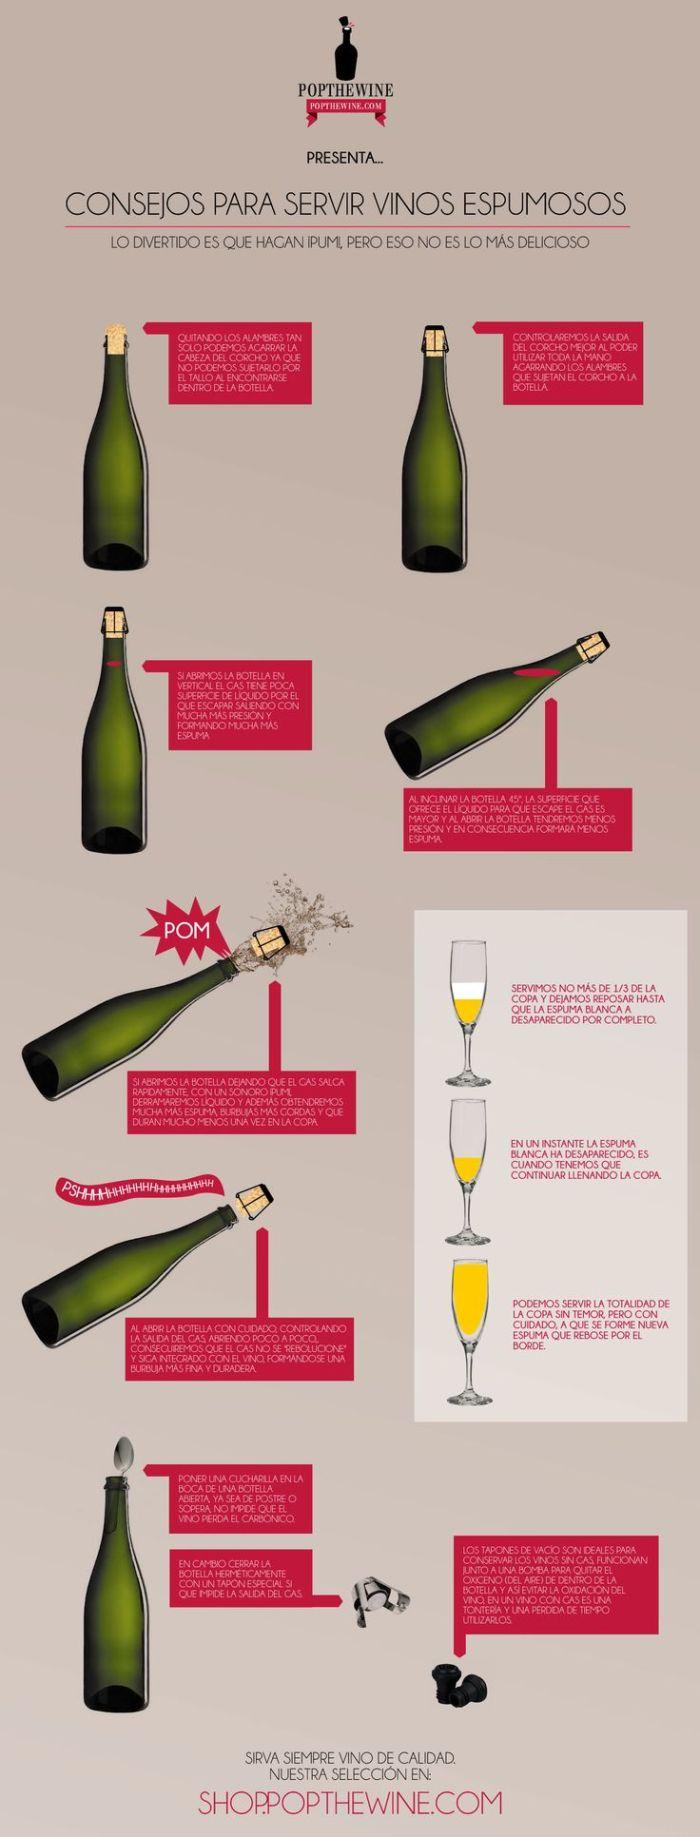 Cómo servir vinos espumosos